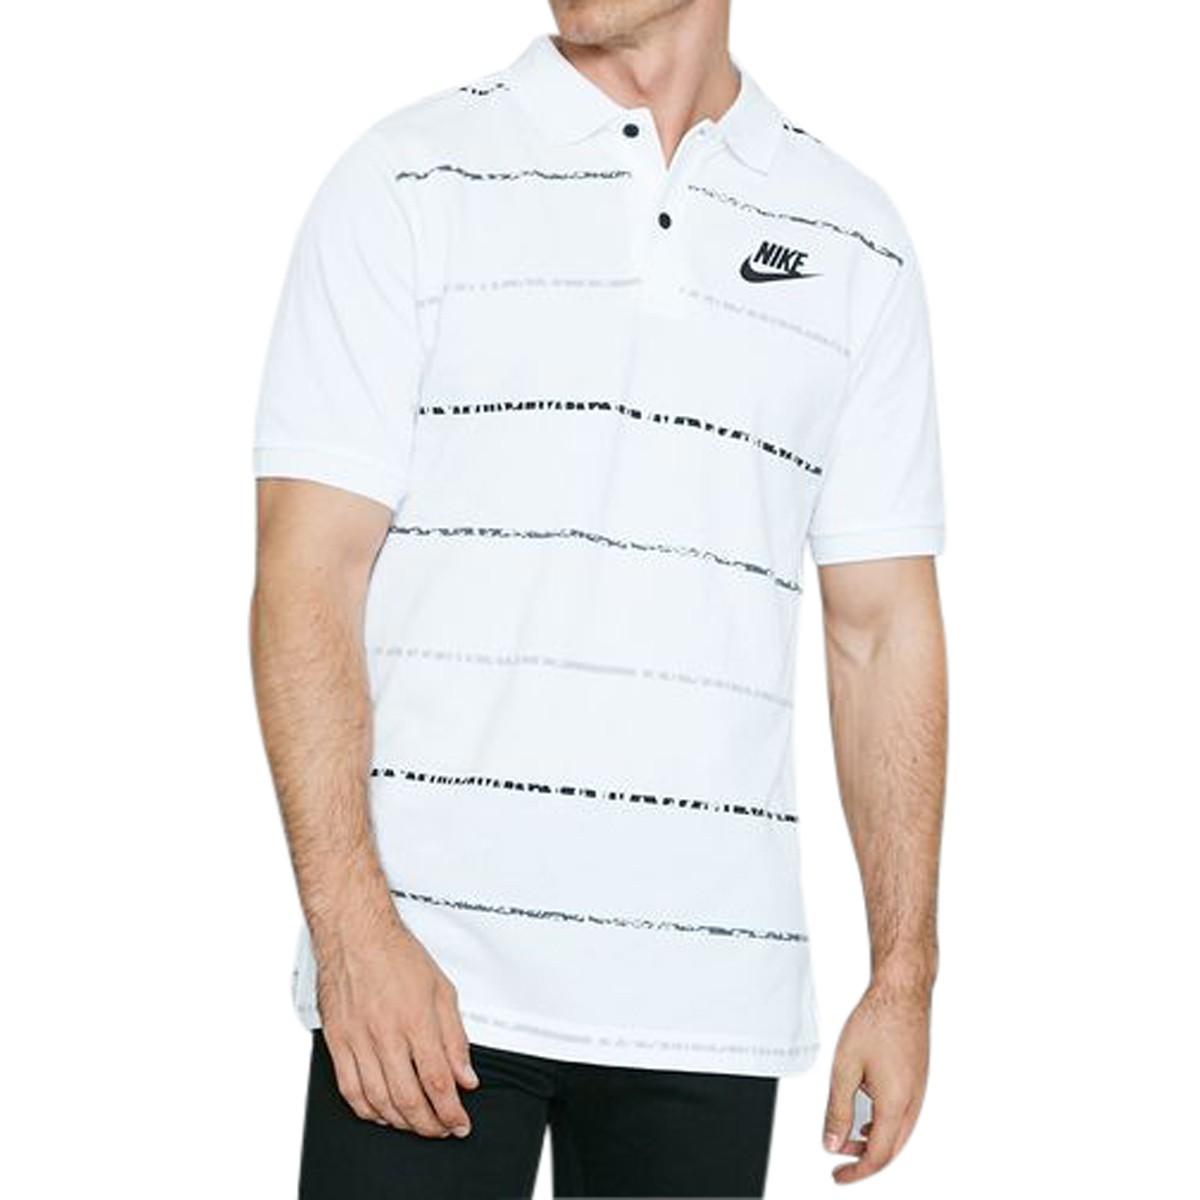 ... Camisa Masculina Polo Nike Pique Mathup. Passe o mouse para ver detalhes d06e260e129dc